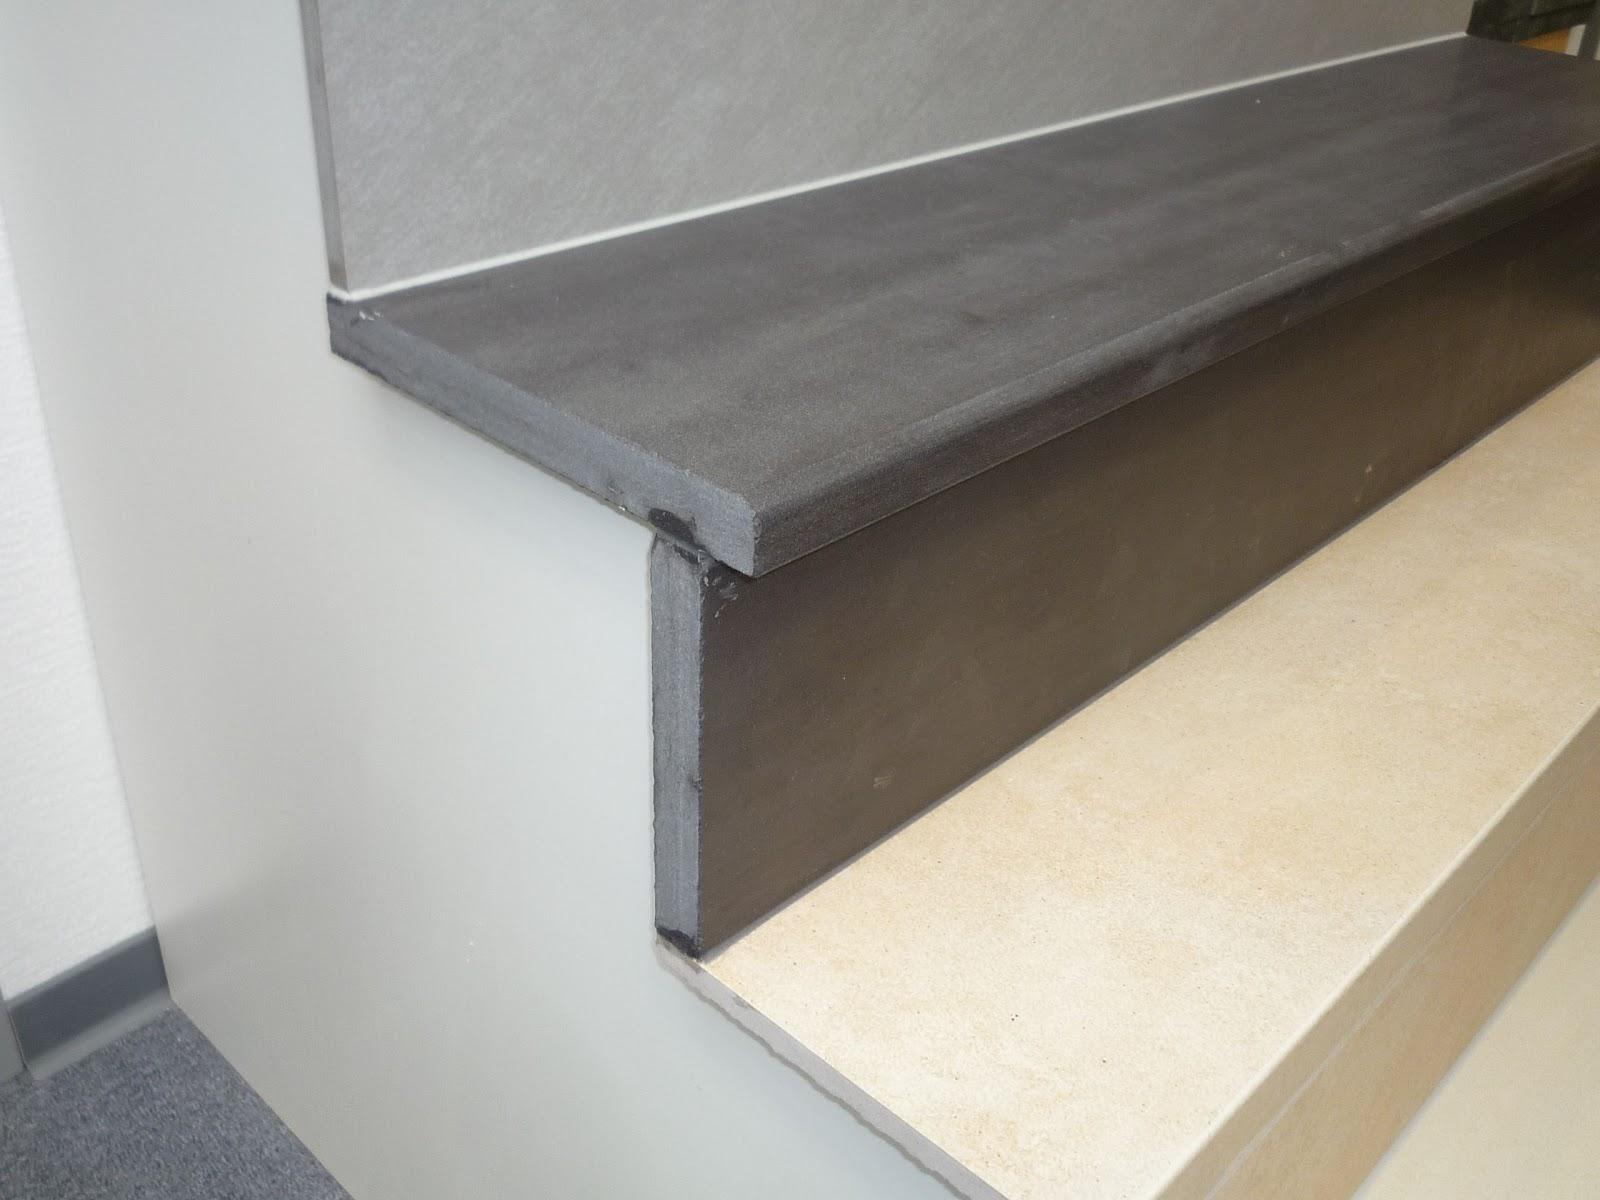 Wir bauen in remagen treppe fliesen - Fliesen fur aussenbereich treppe ...